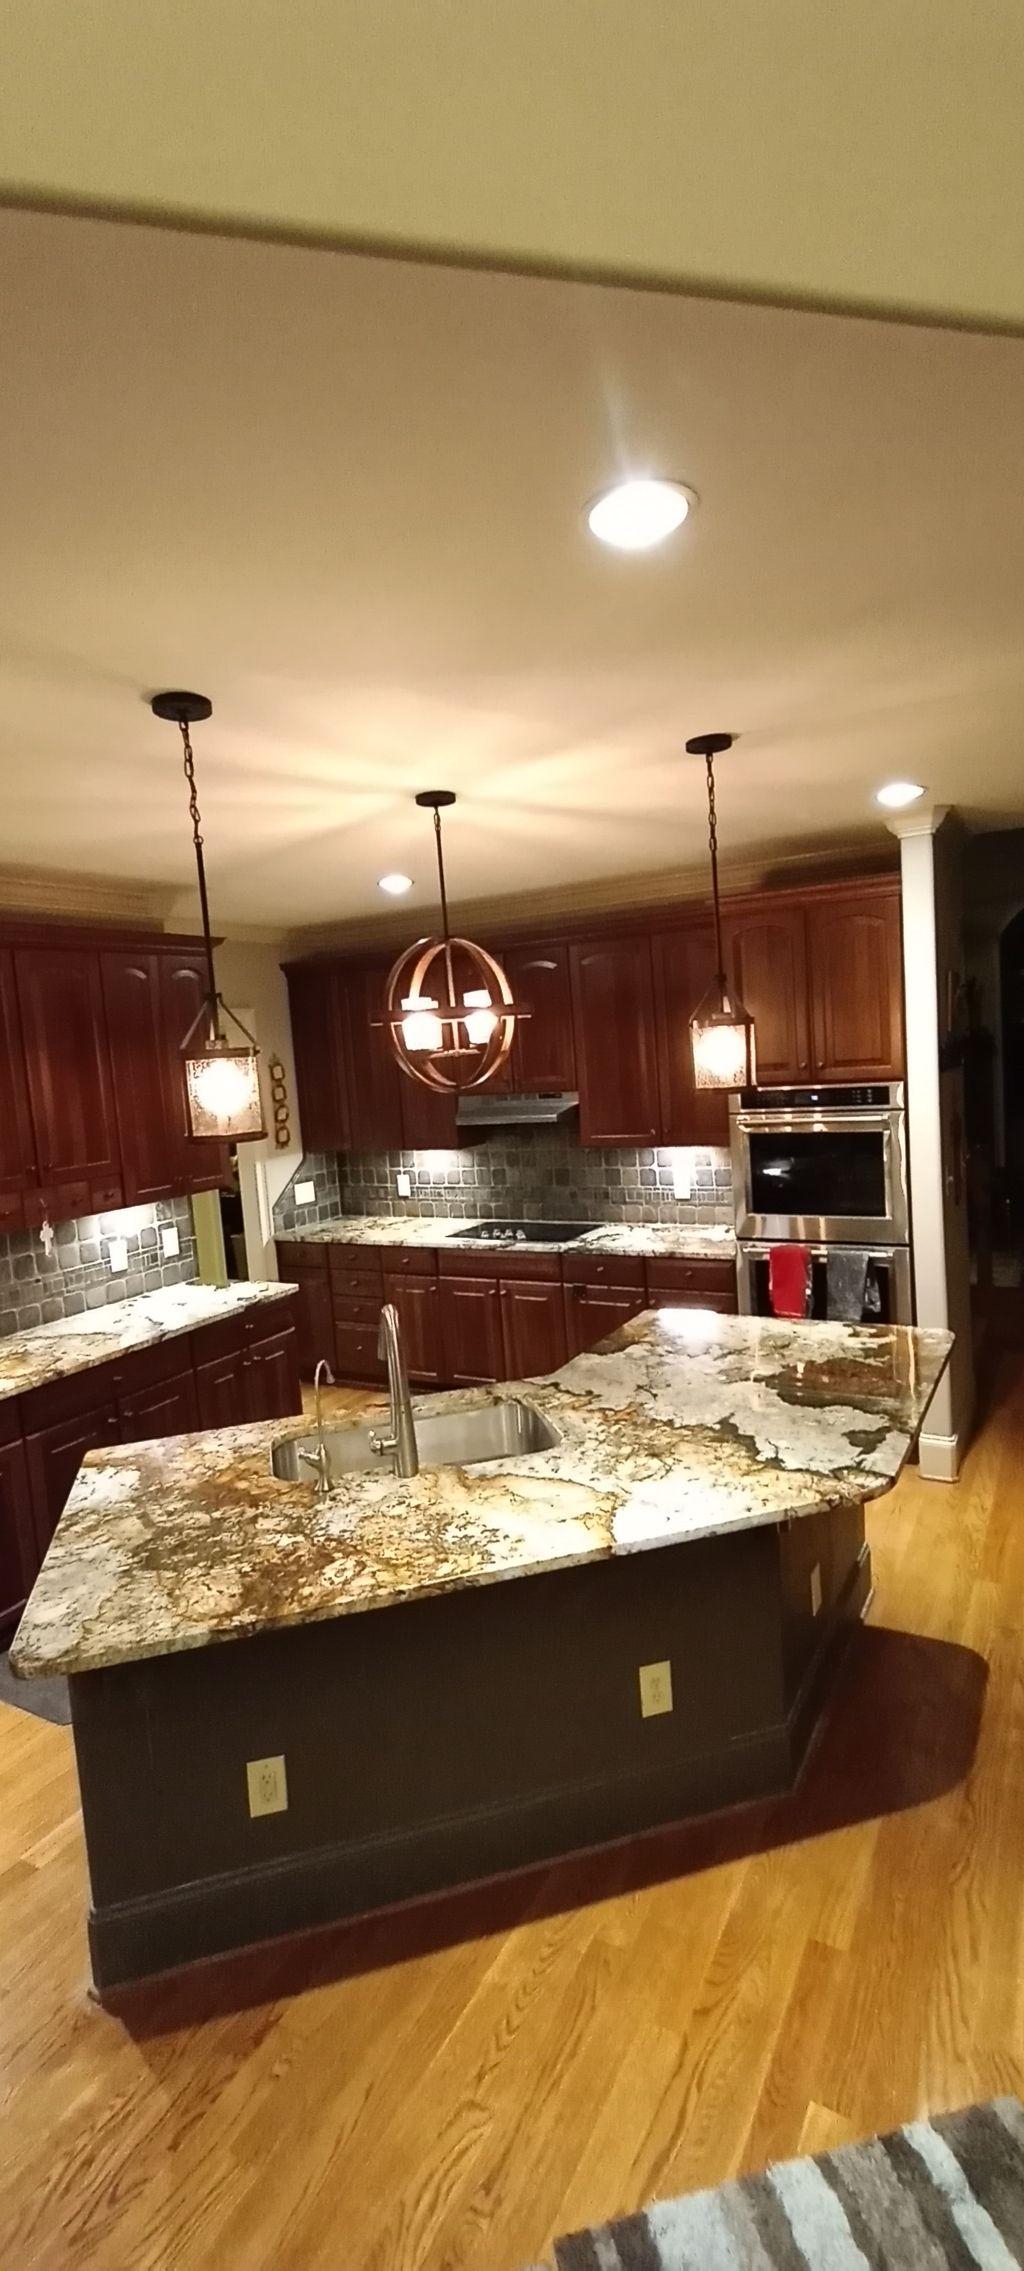 High End Kitchen---------